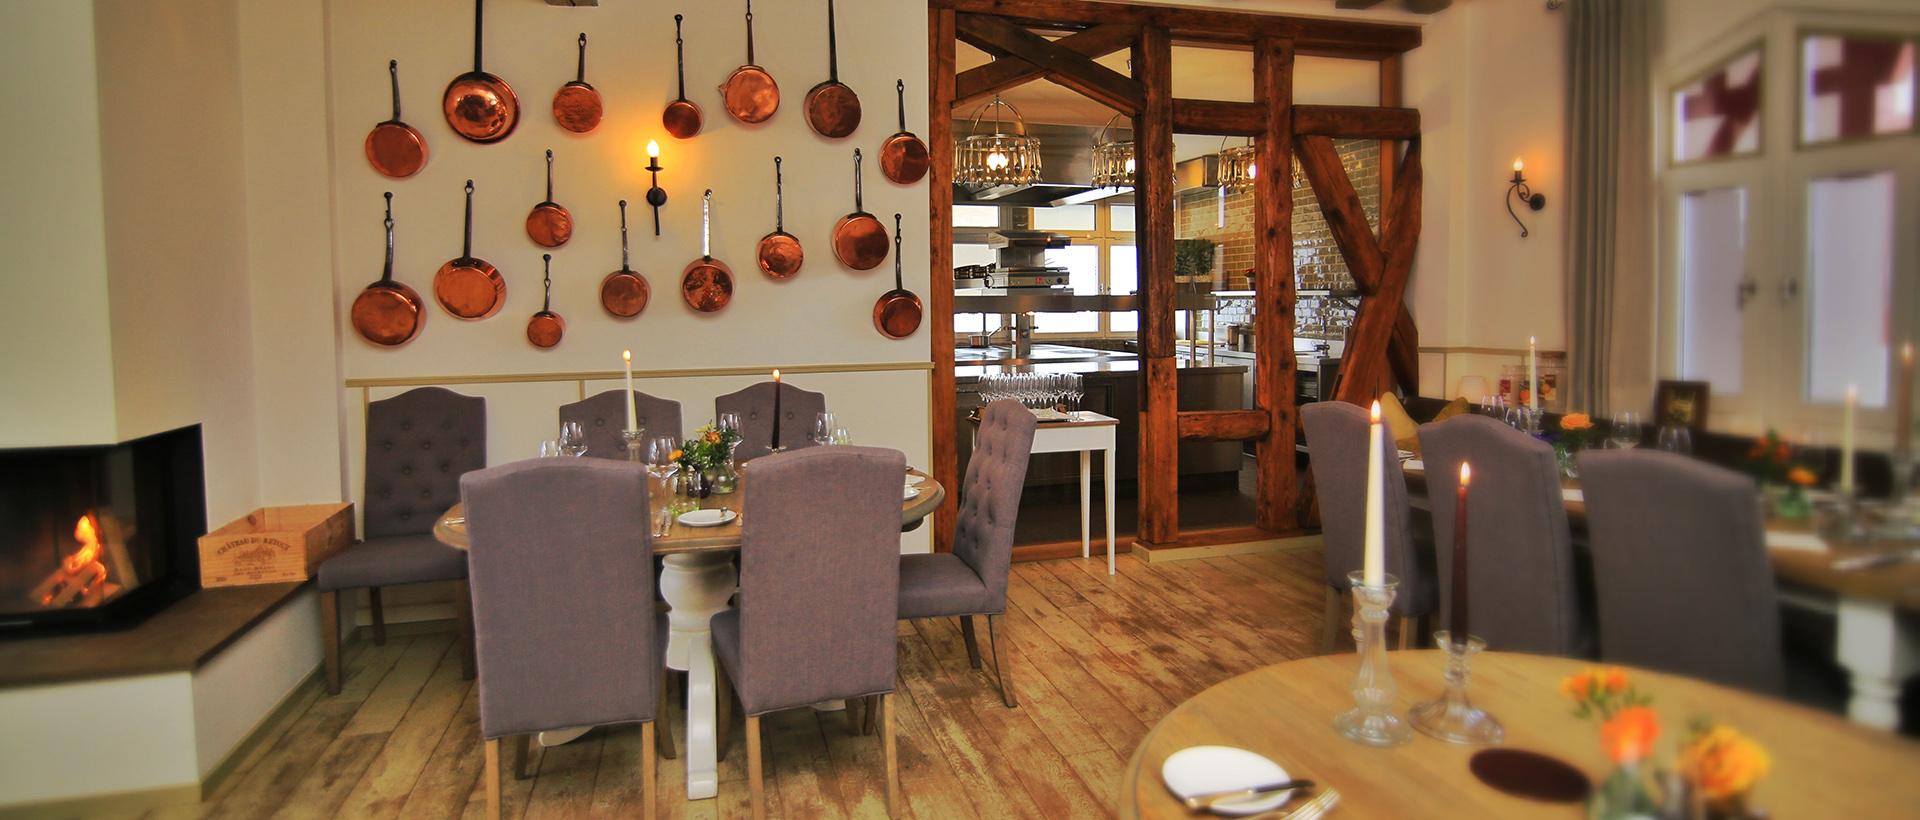 Gastraum im Restaurant Waldschlösschen in Dagobertshausen